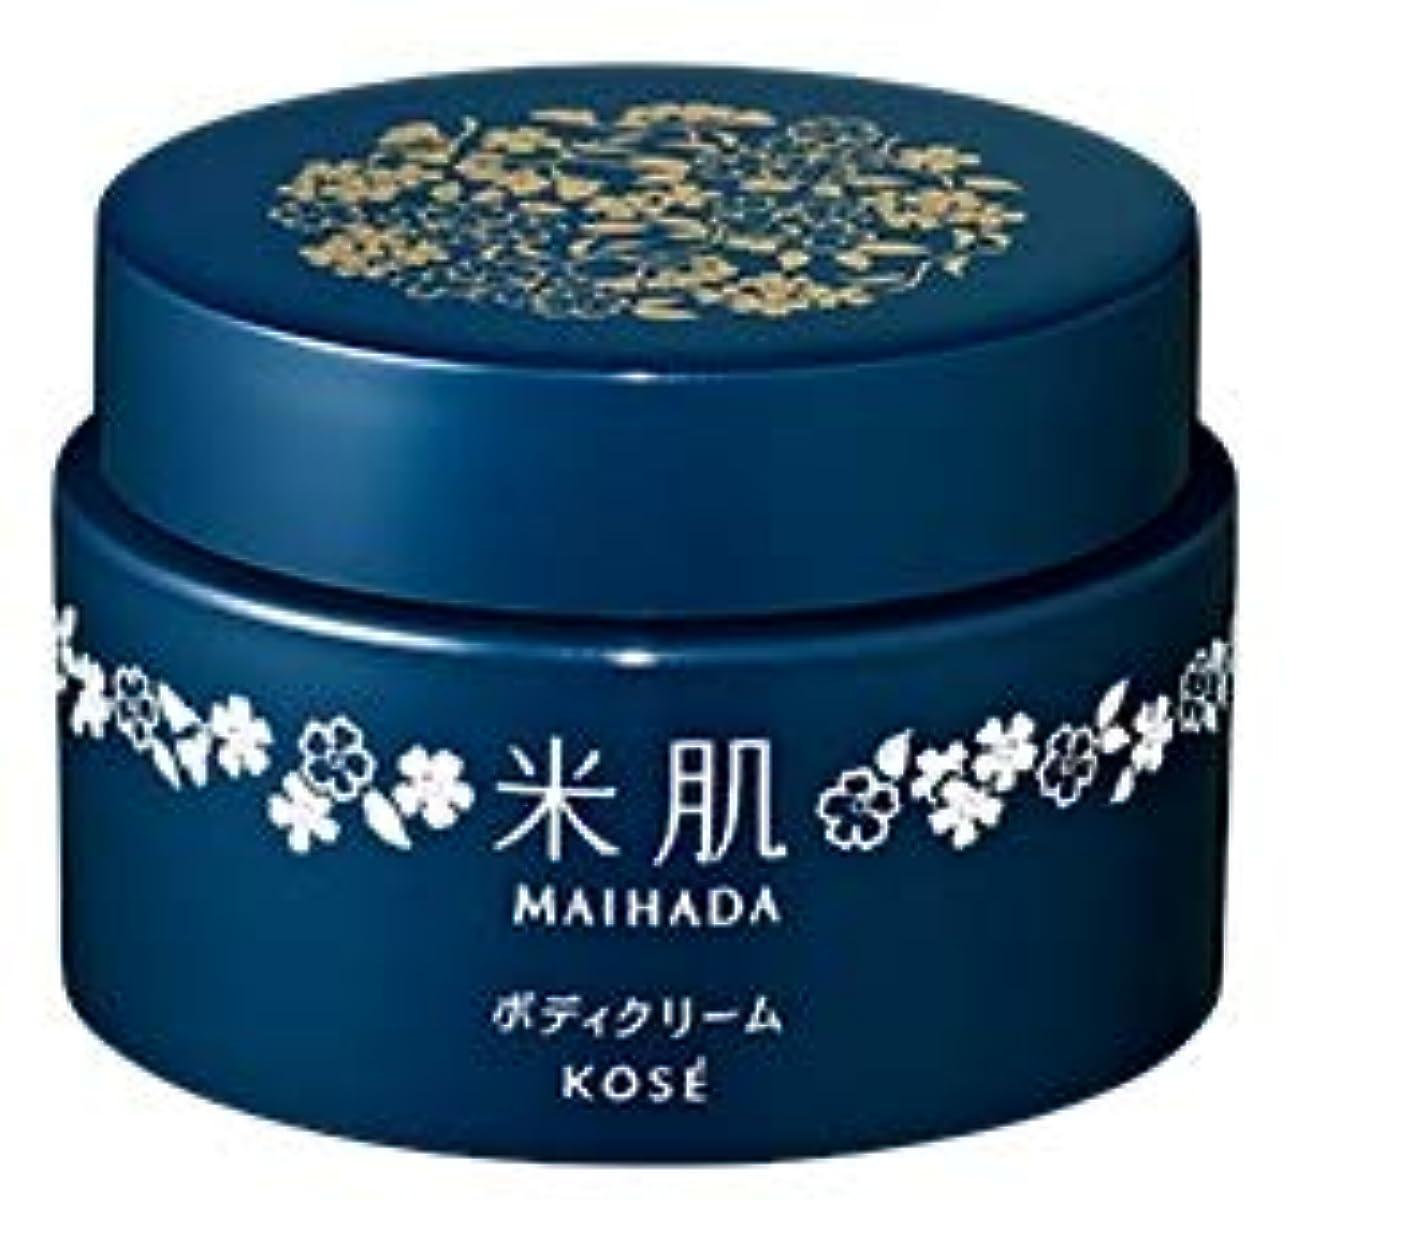 美容師活性化する継承米肌(MAIHADA) 肌潤ボディクリーム コーセー KOSE